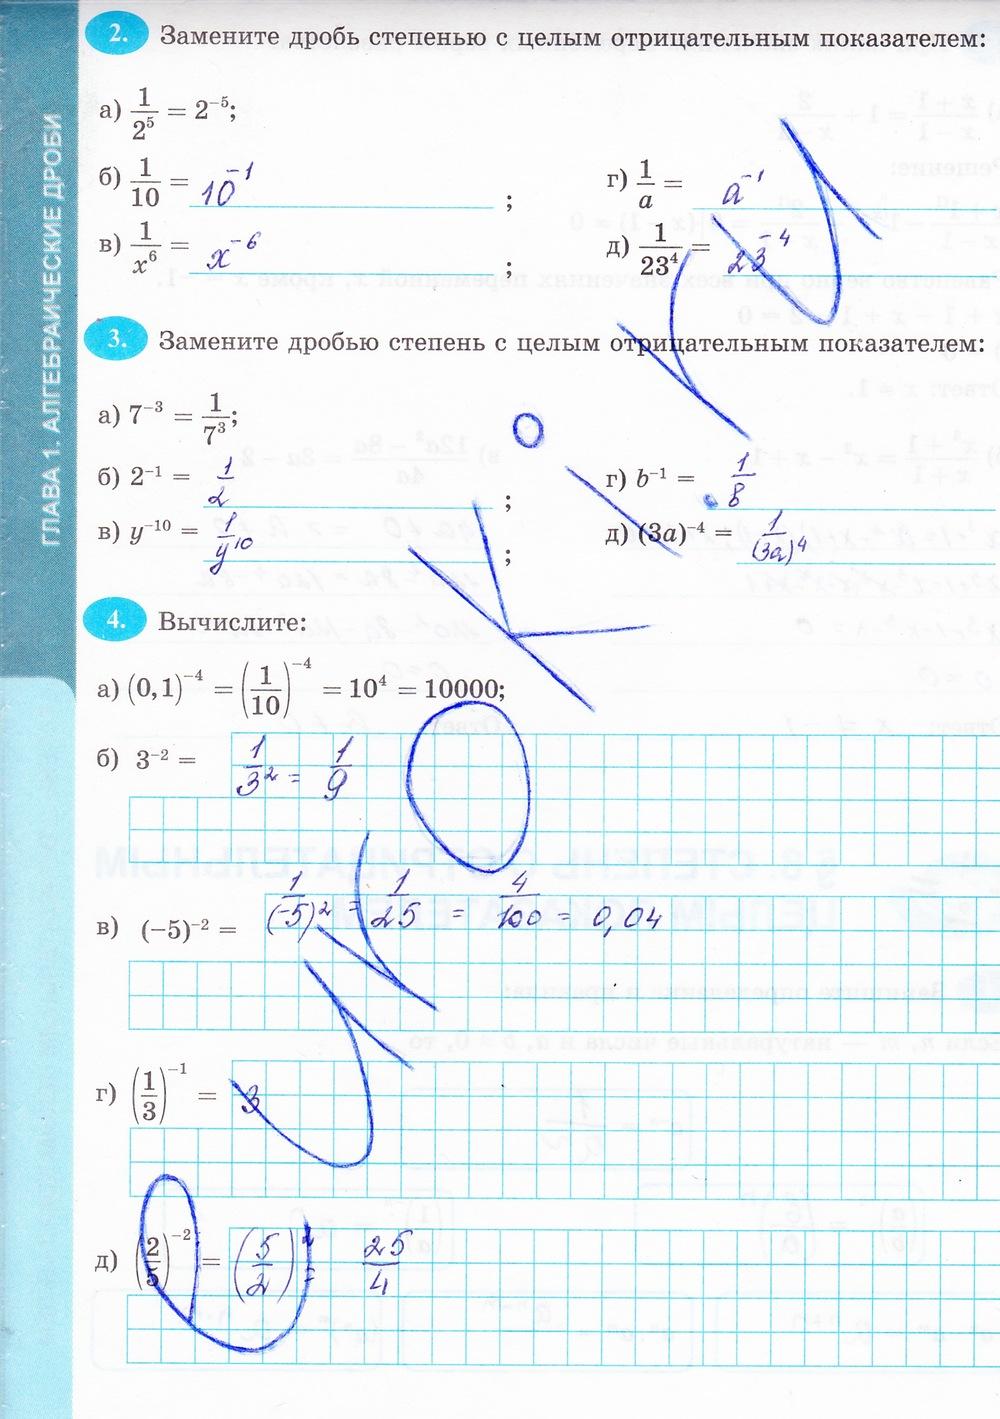 гдз в рабочей тетради по алгебре 8 класс мордкович часть 2